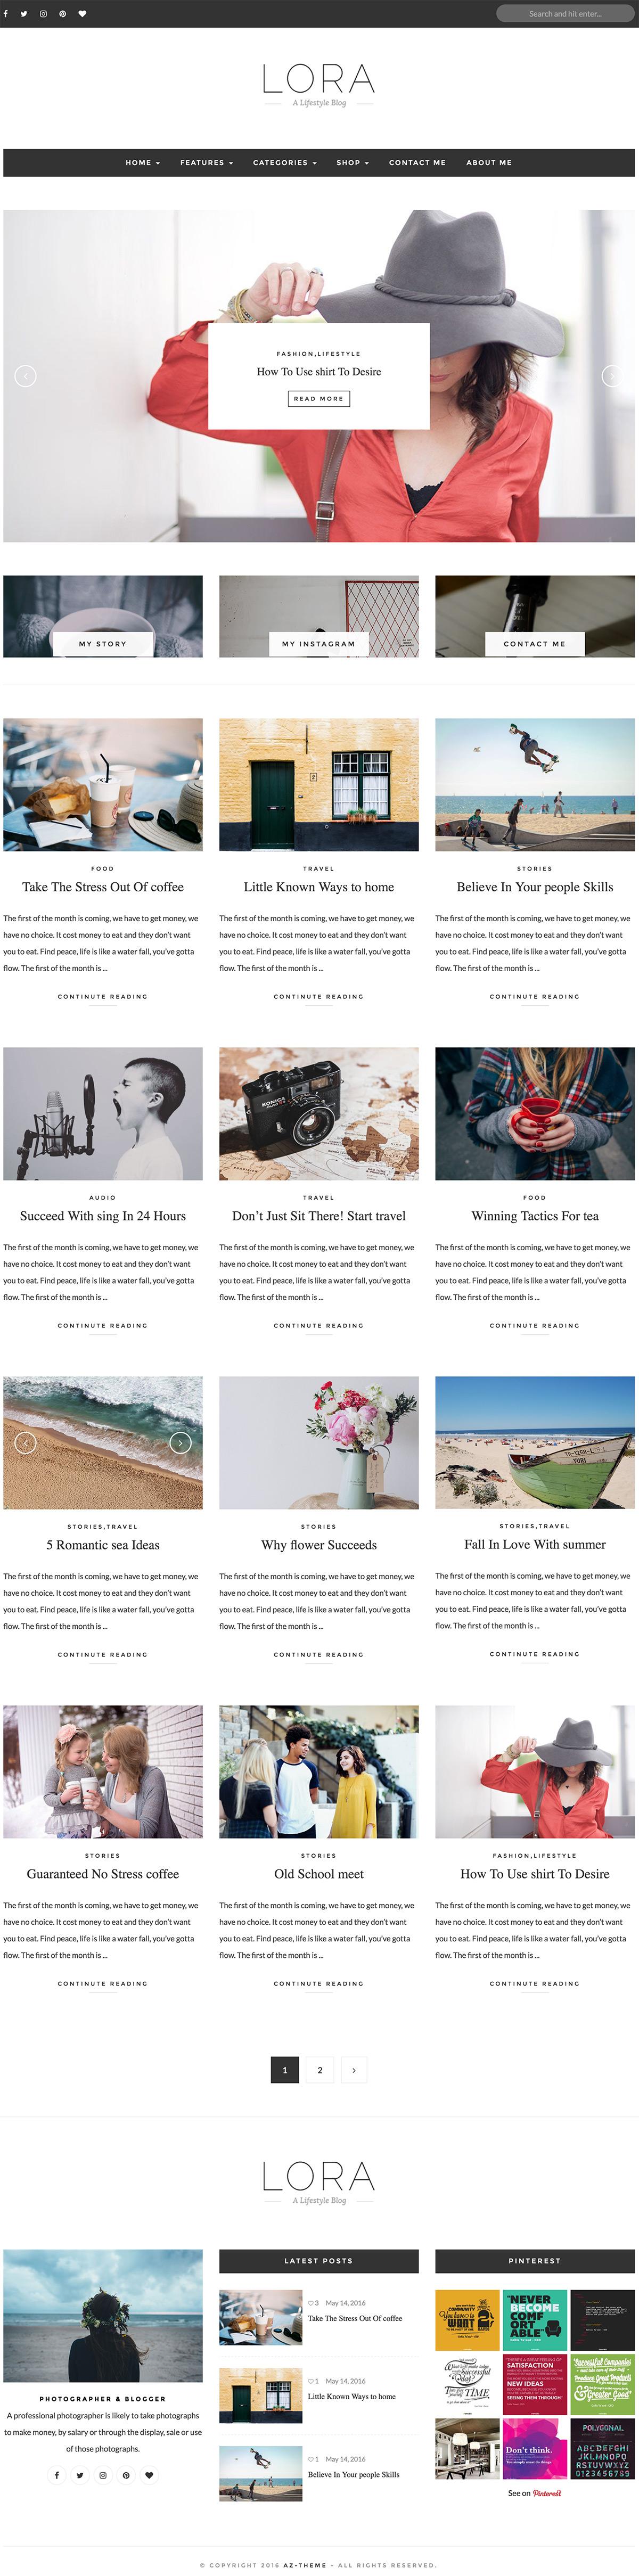 LORA – Clean & Personal WordPress Blog Theme.